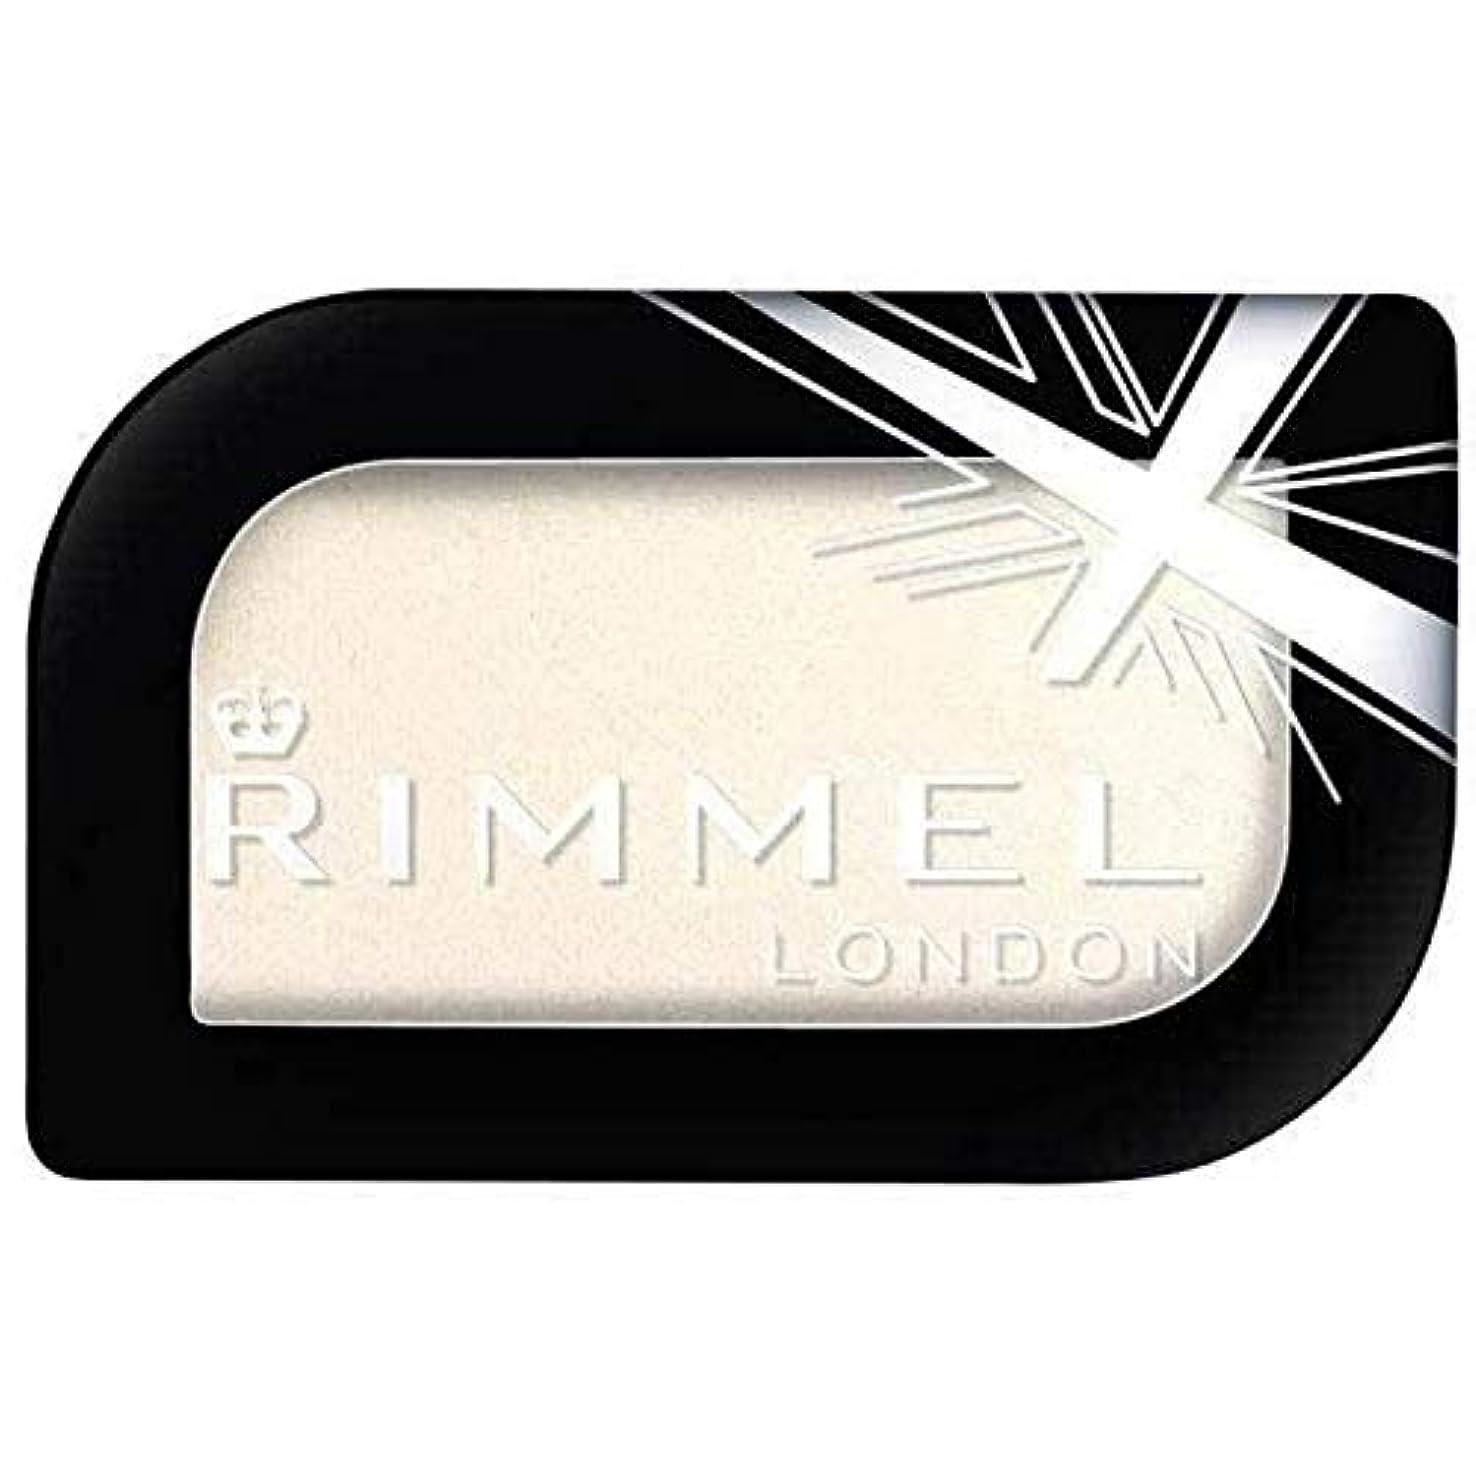 並外れた八ハッチ[Rimmel ] リンメルロンドンは、モノアイシャドウQジャンプ5.2グラムをGlam'Eyes - Rimmel London Glam'eyes Mono Eyeshadow Q Jump 5.2g [並行輸入品]